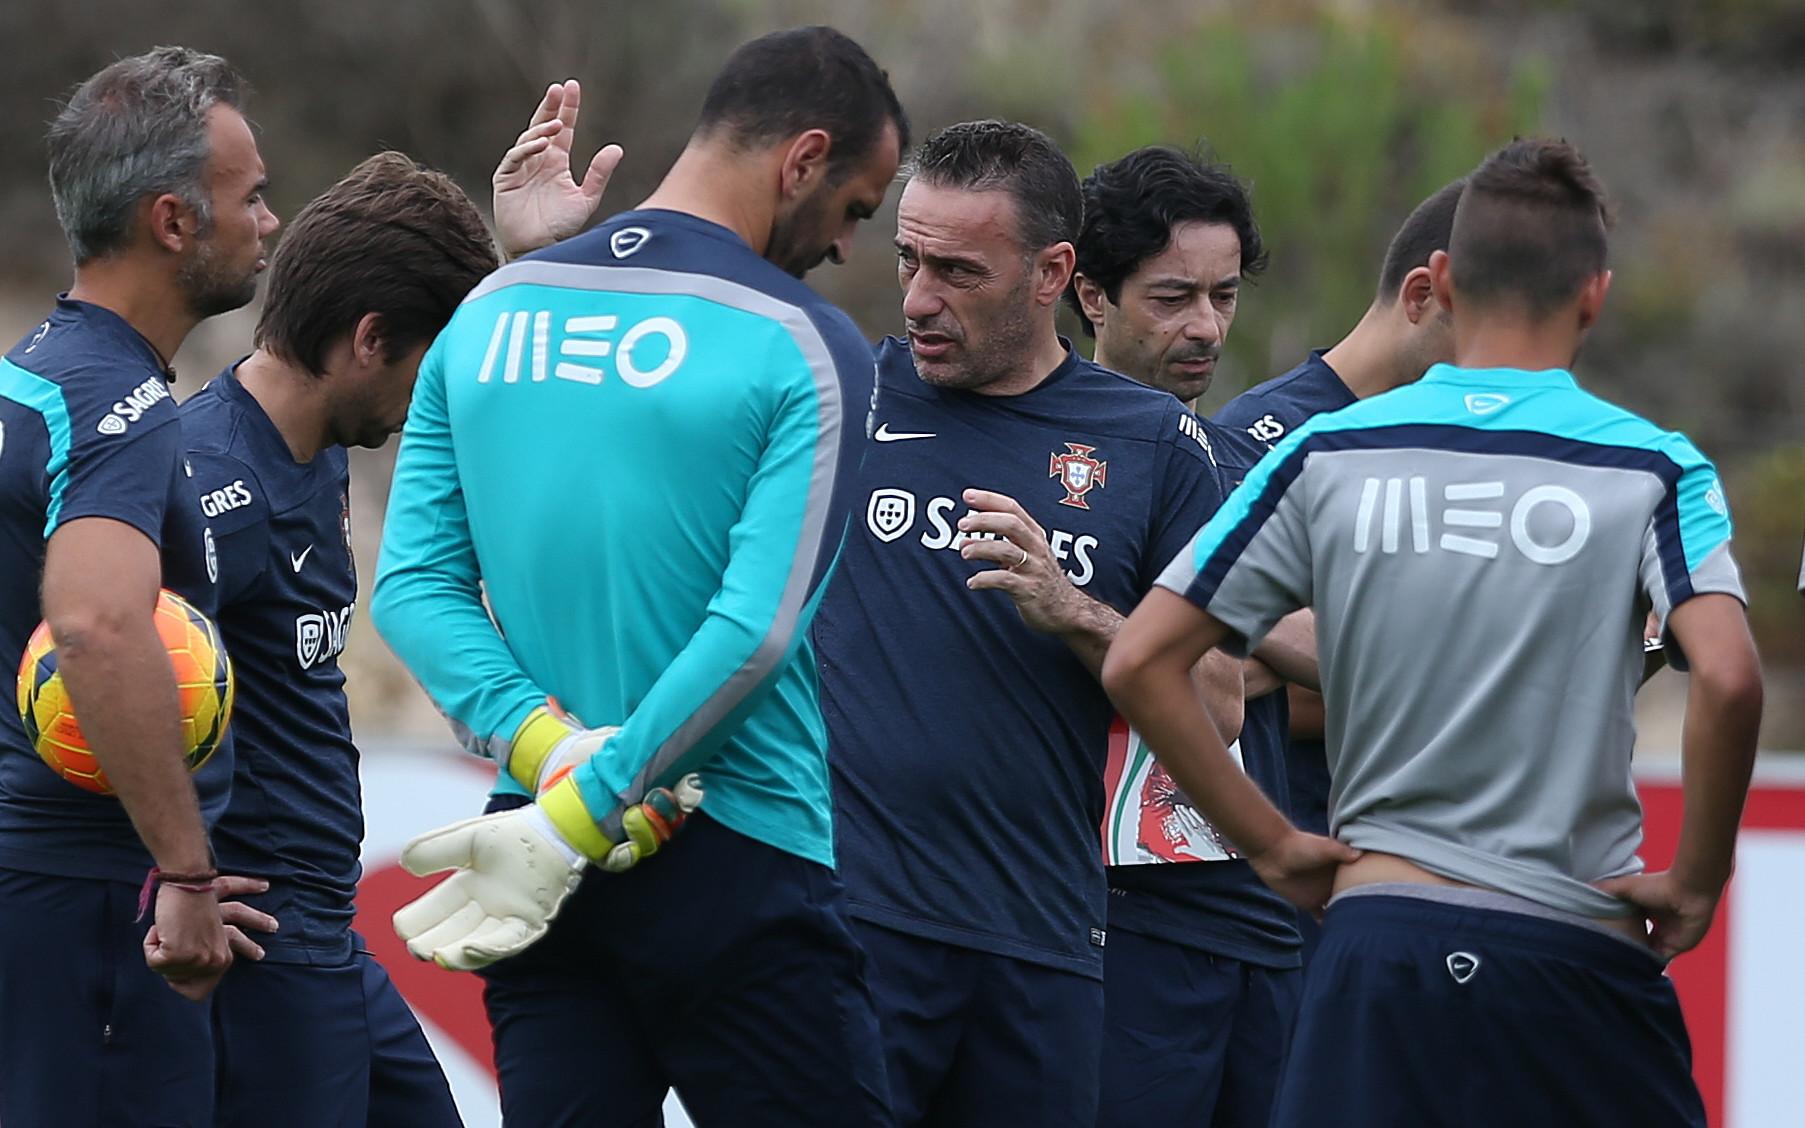 Treino da selecção portuguesa de futebol